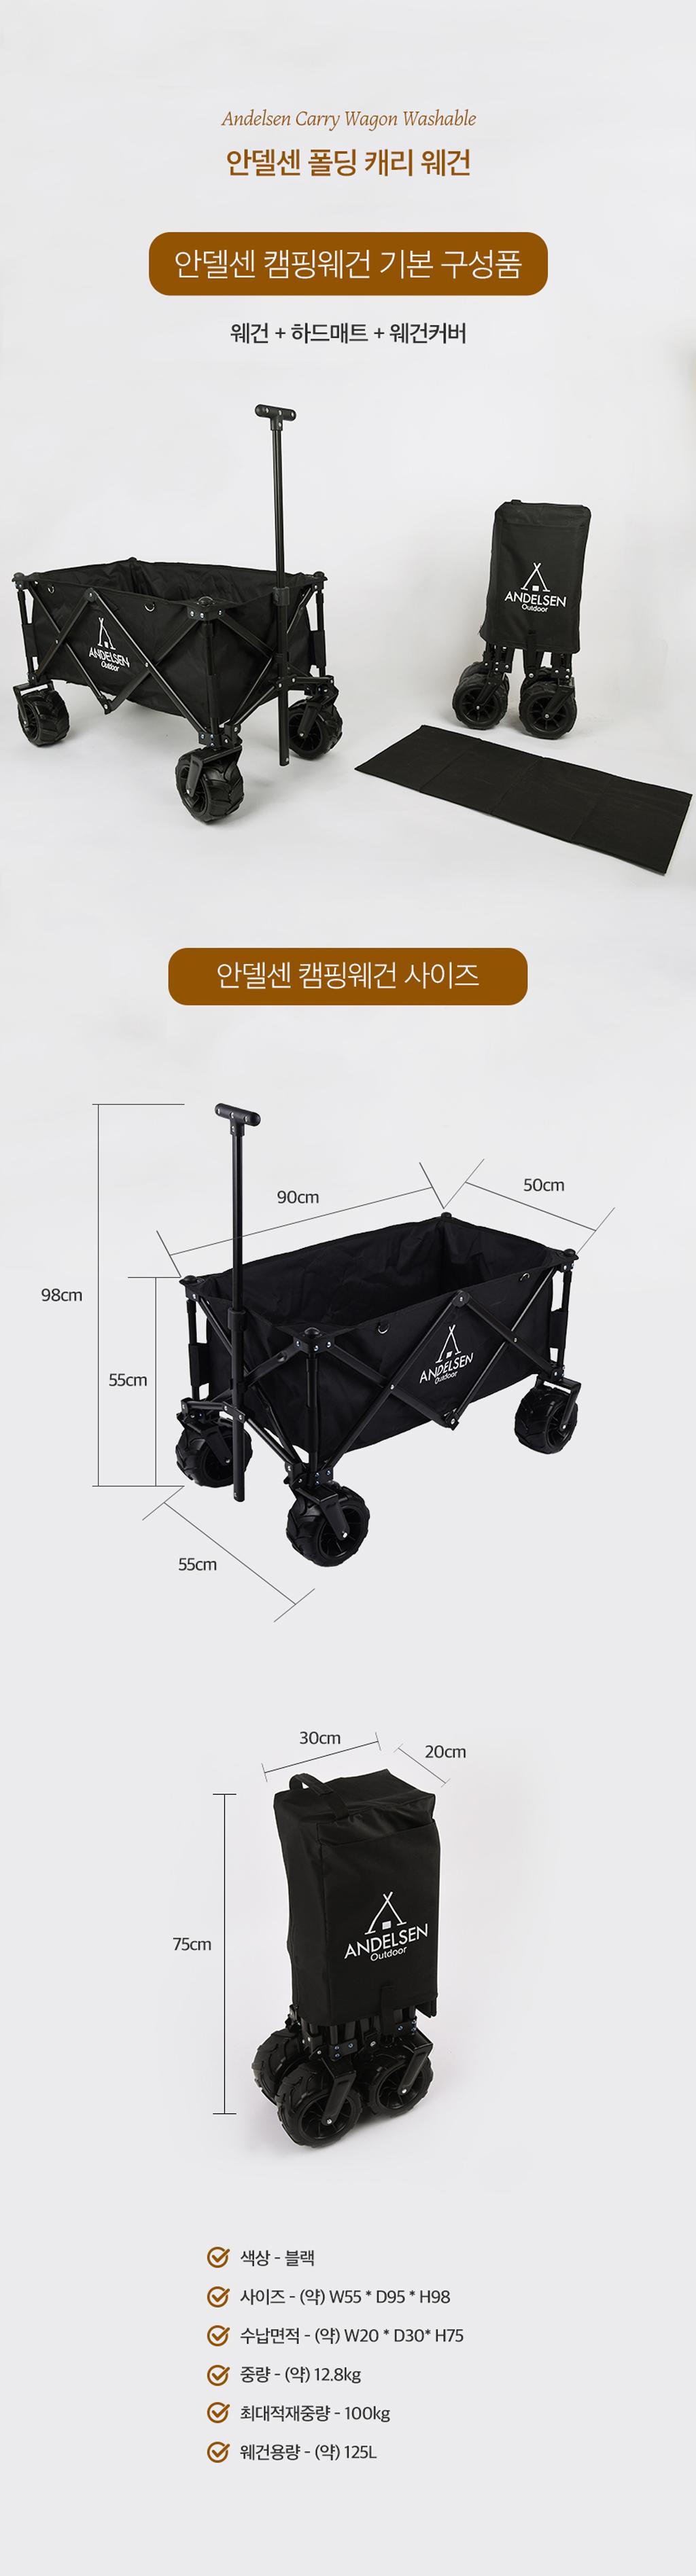 웨건 캠핑웨건 캠핑카트